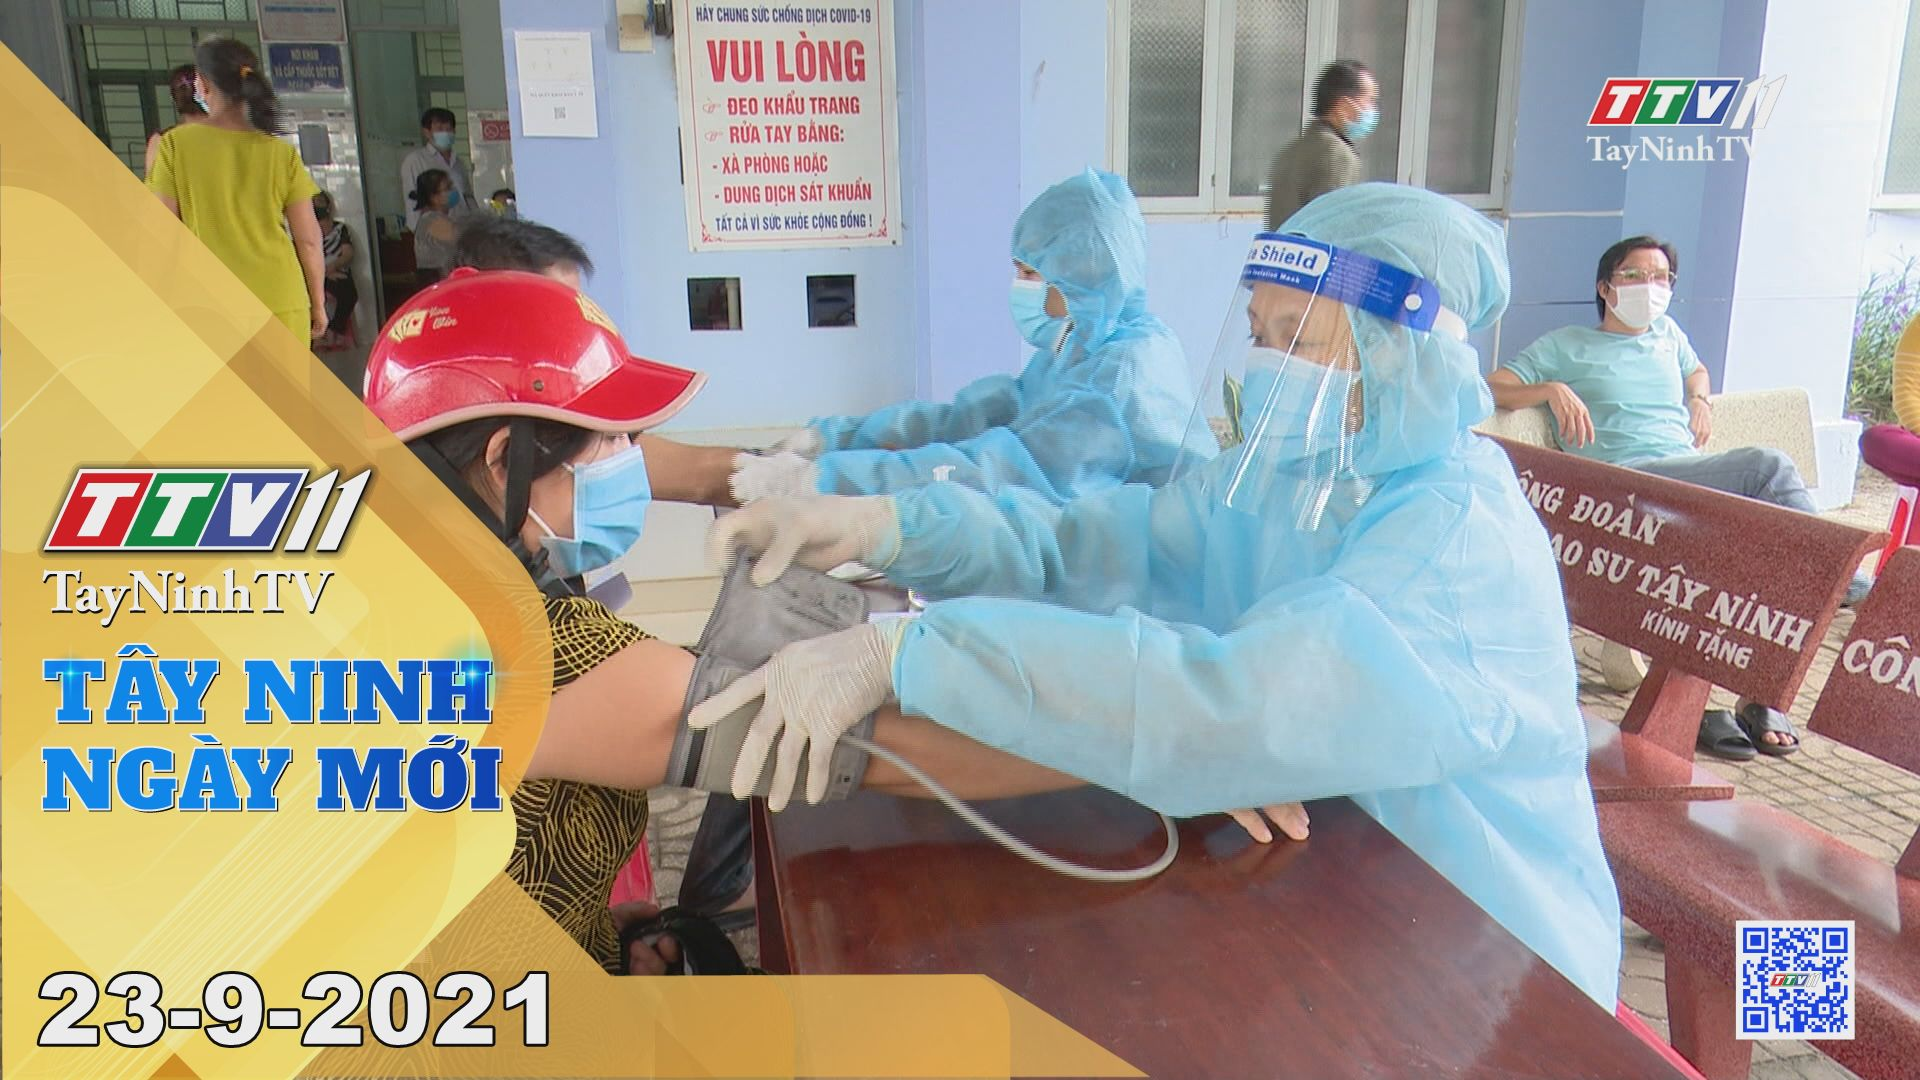 Tây Ninh Ngày Mới 23/9/2021 | Tin tức hôm nay | TayNinhTV